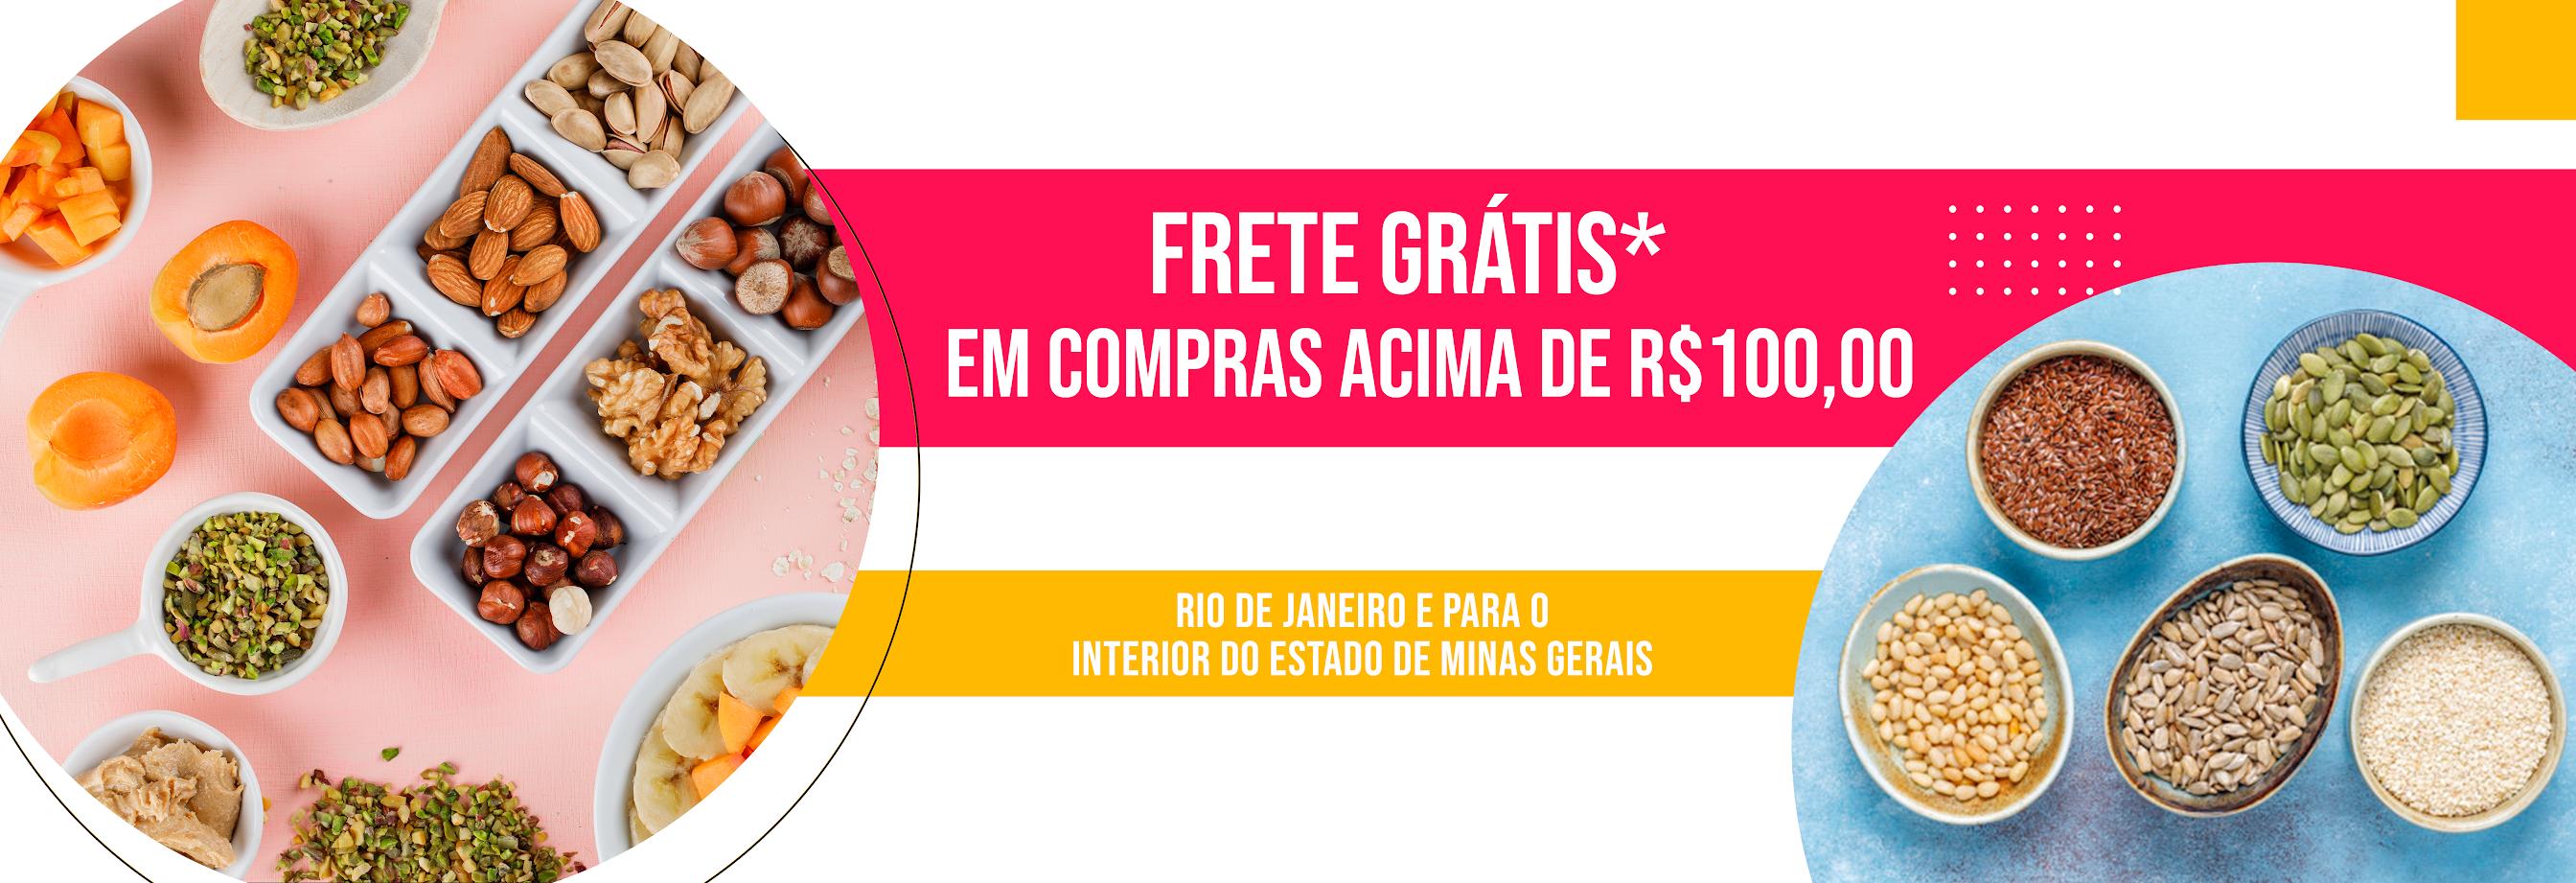 ME LEVE – BANNER – FRETE GRÁTIS PARA COMPRAS ACIMA DE 100 REAIS